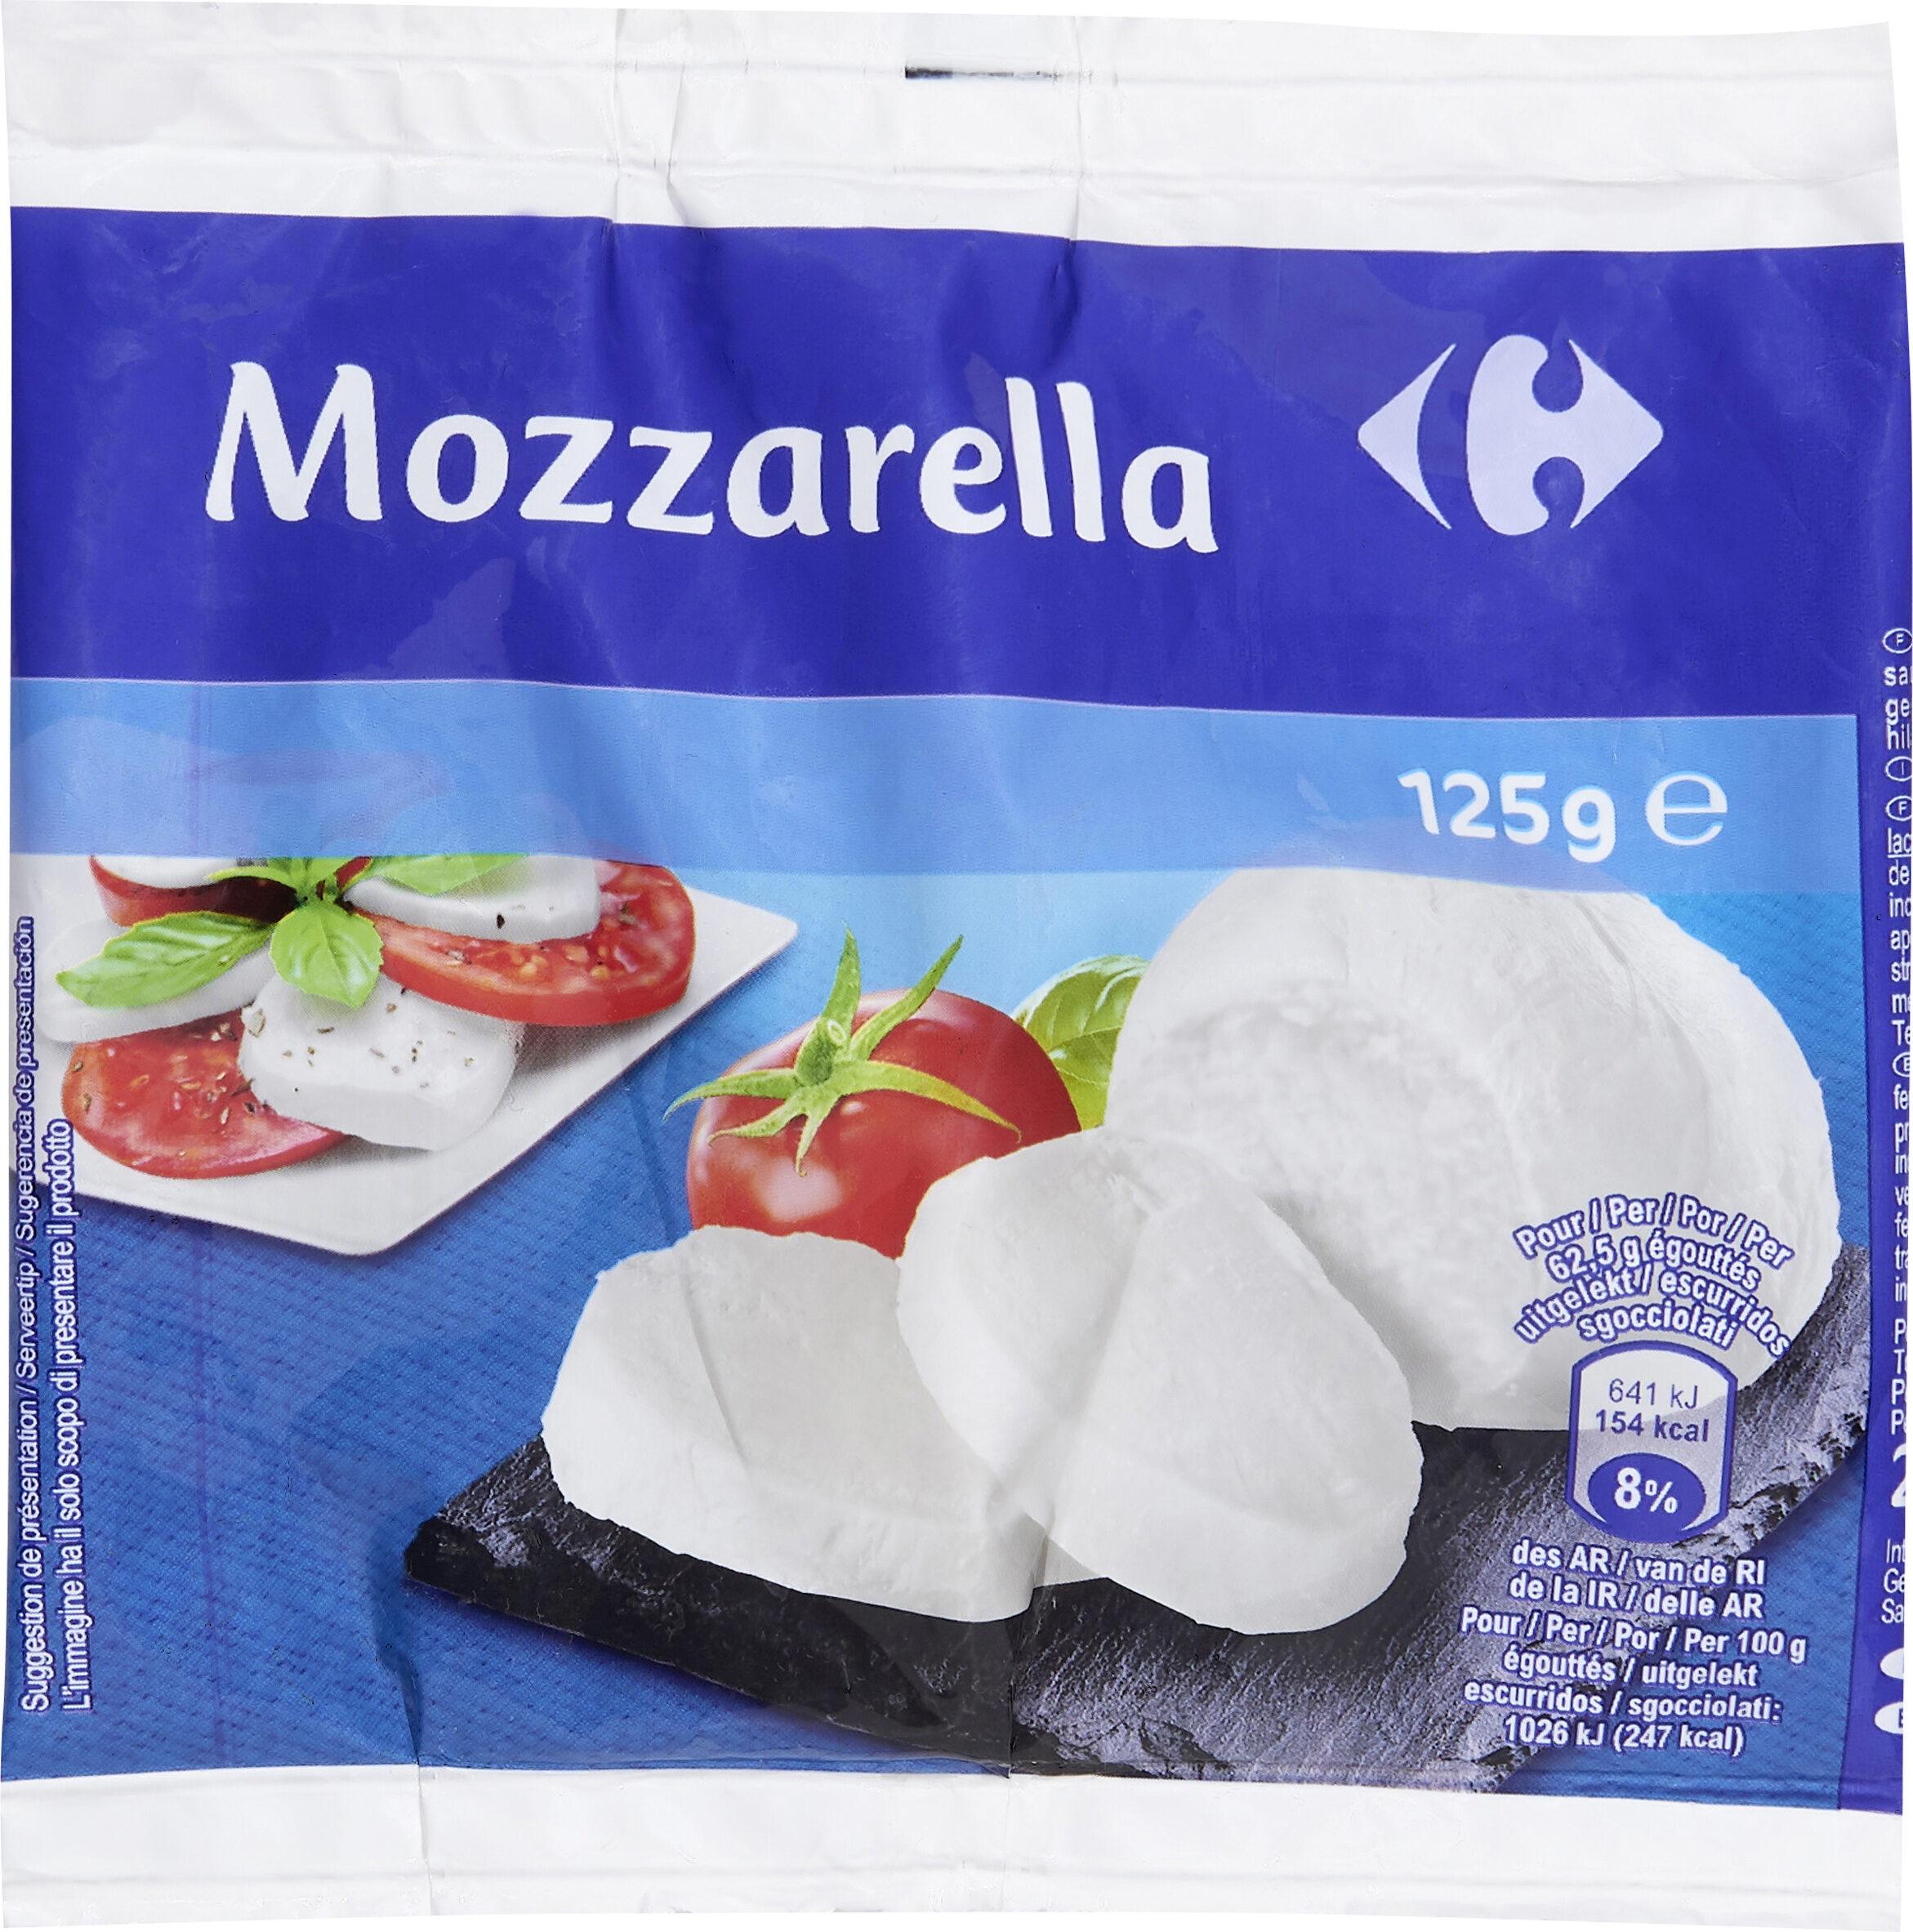 Mozzarella - Producto - es